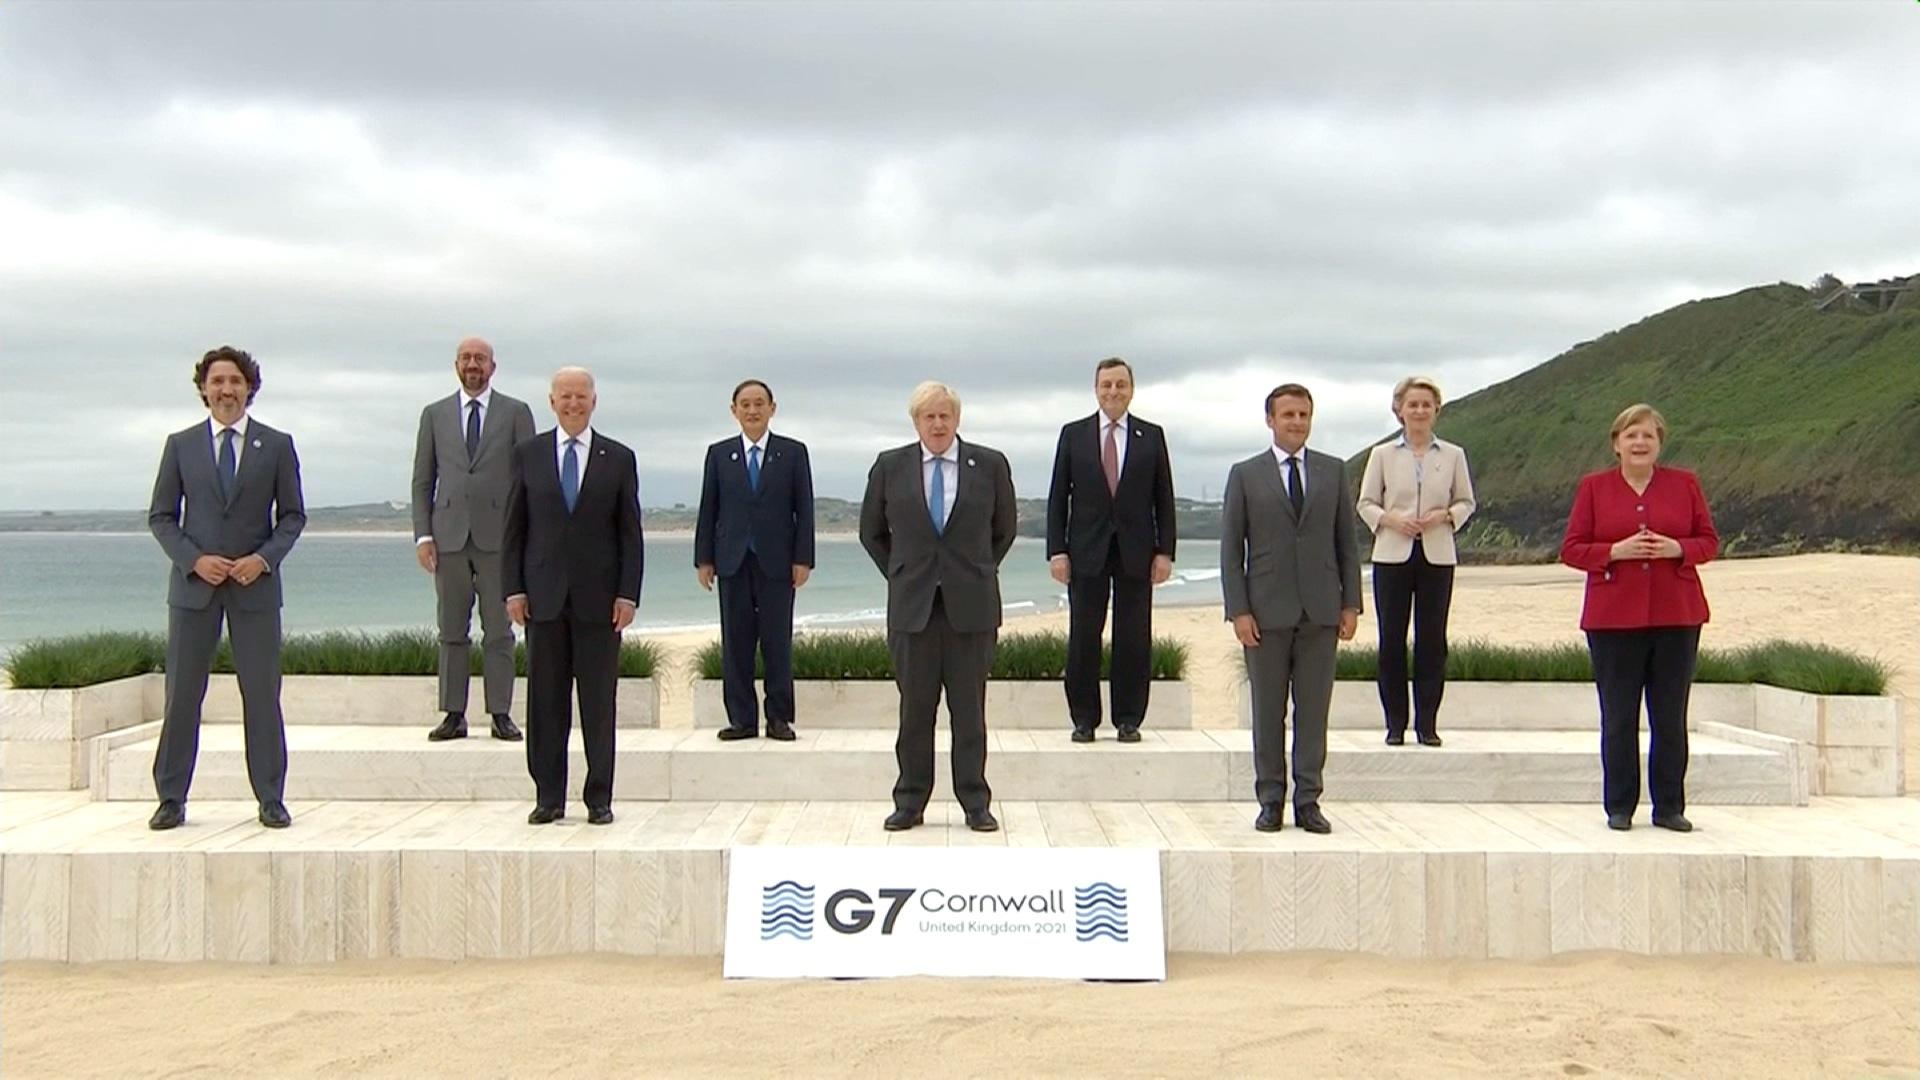 G7 leaders 2021